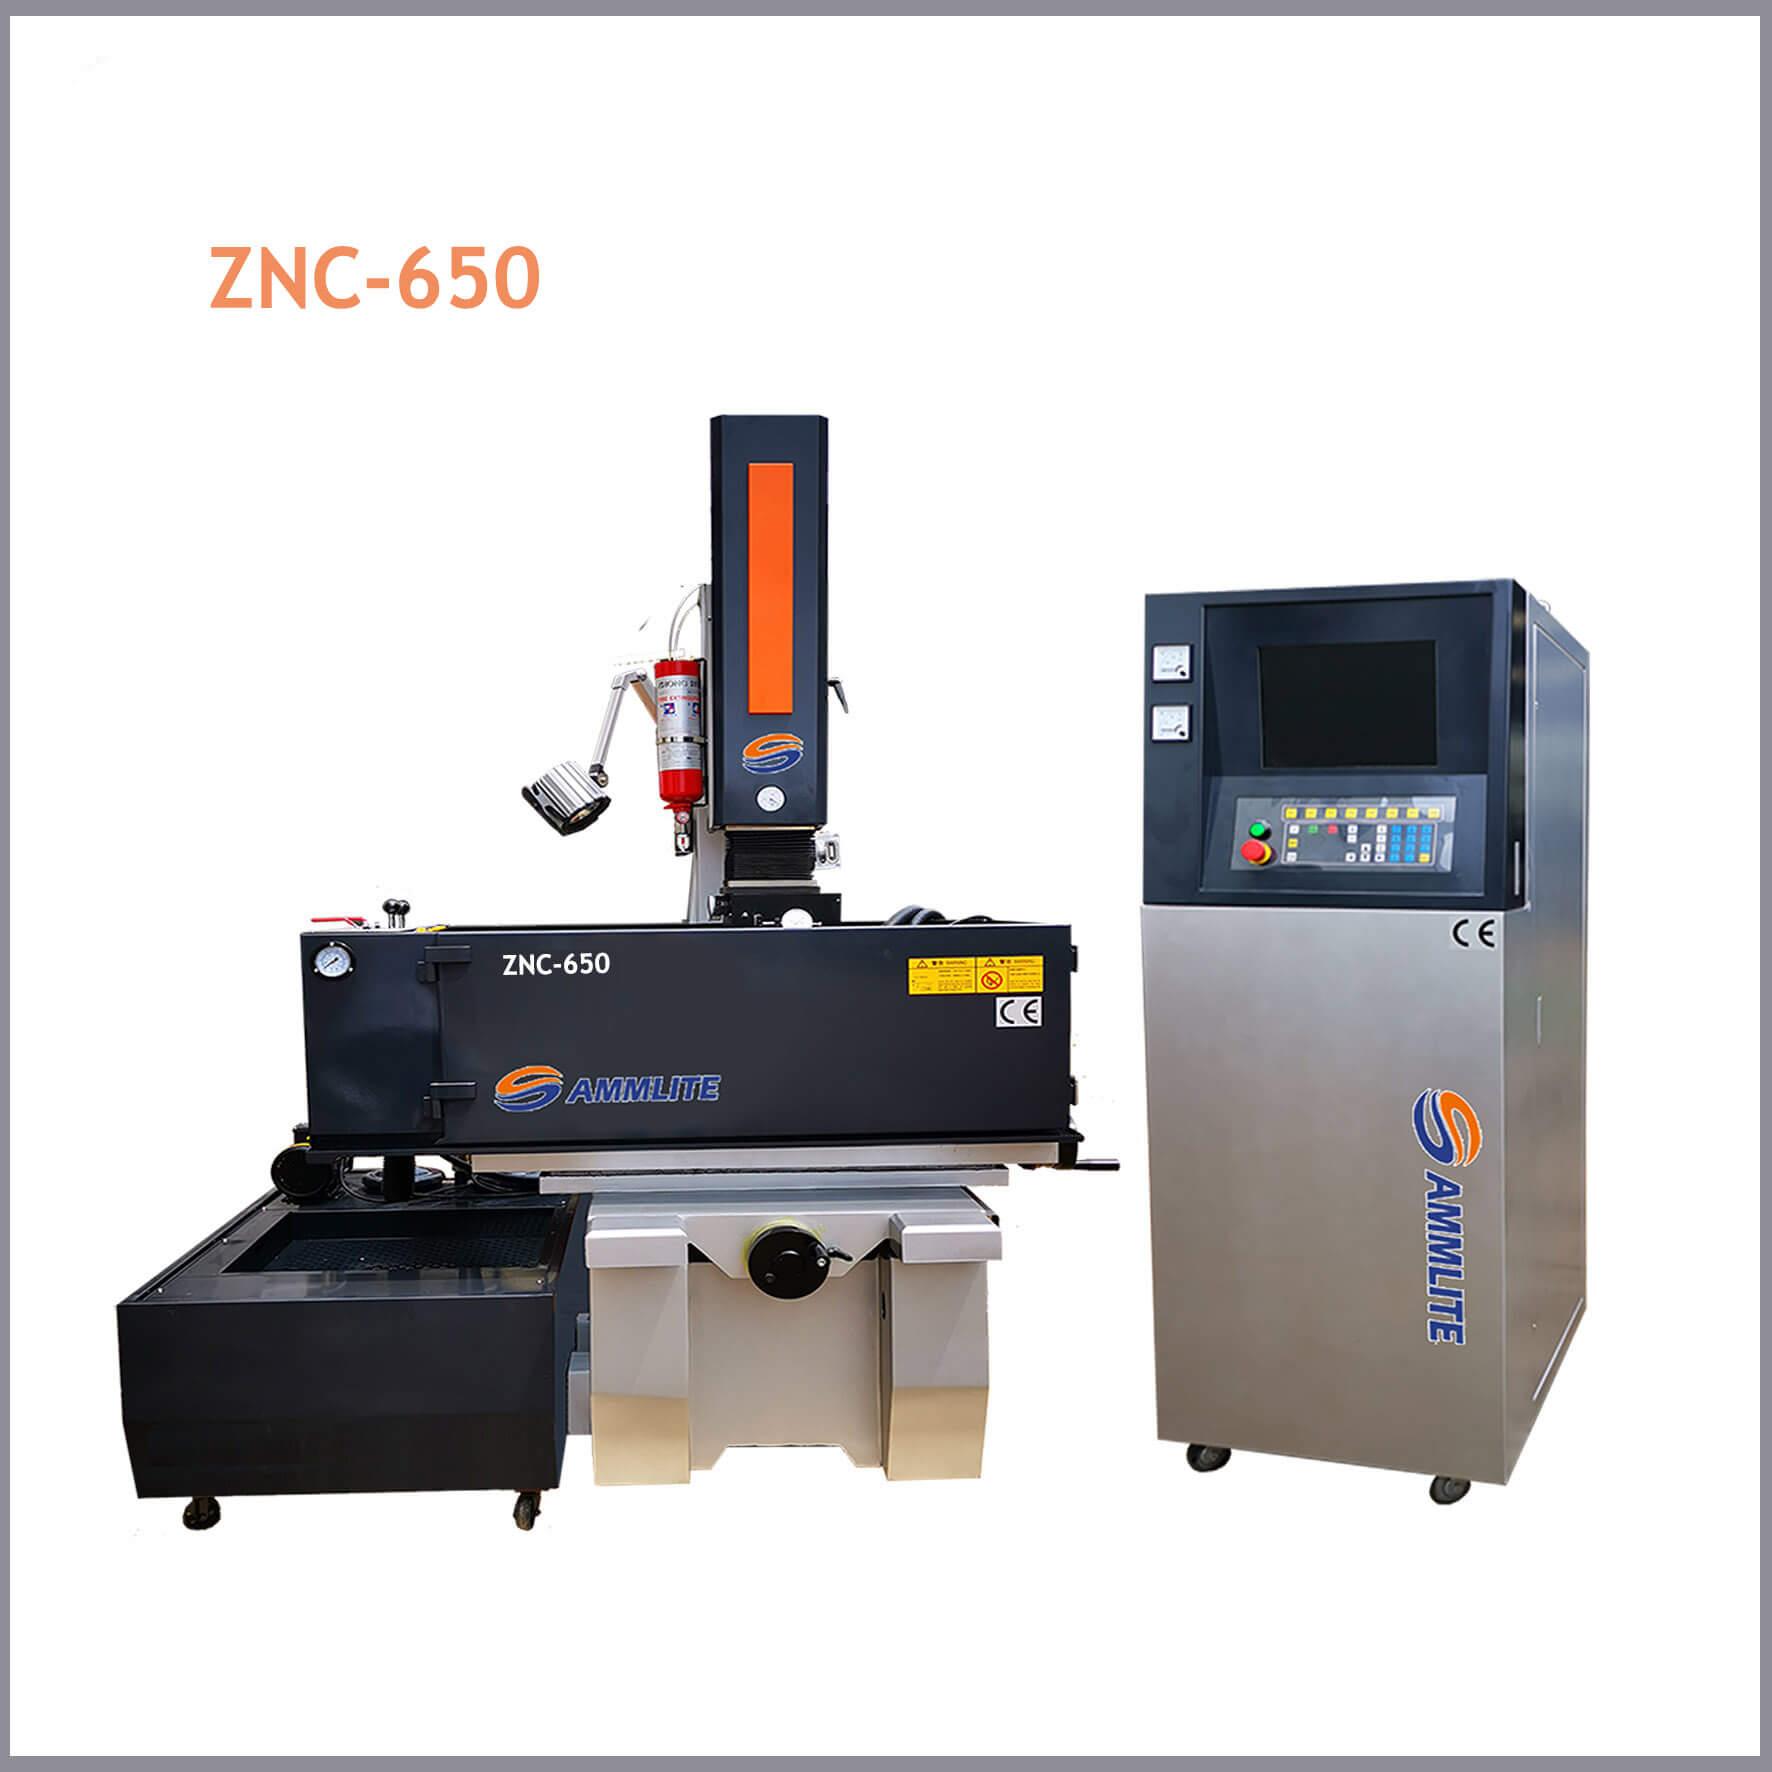 ZNC-650 Dalma Erozyon Tezgahı